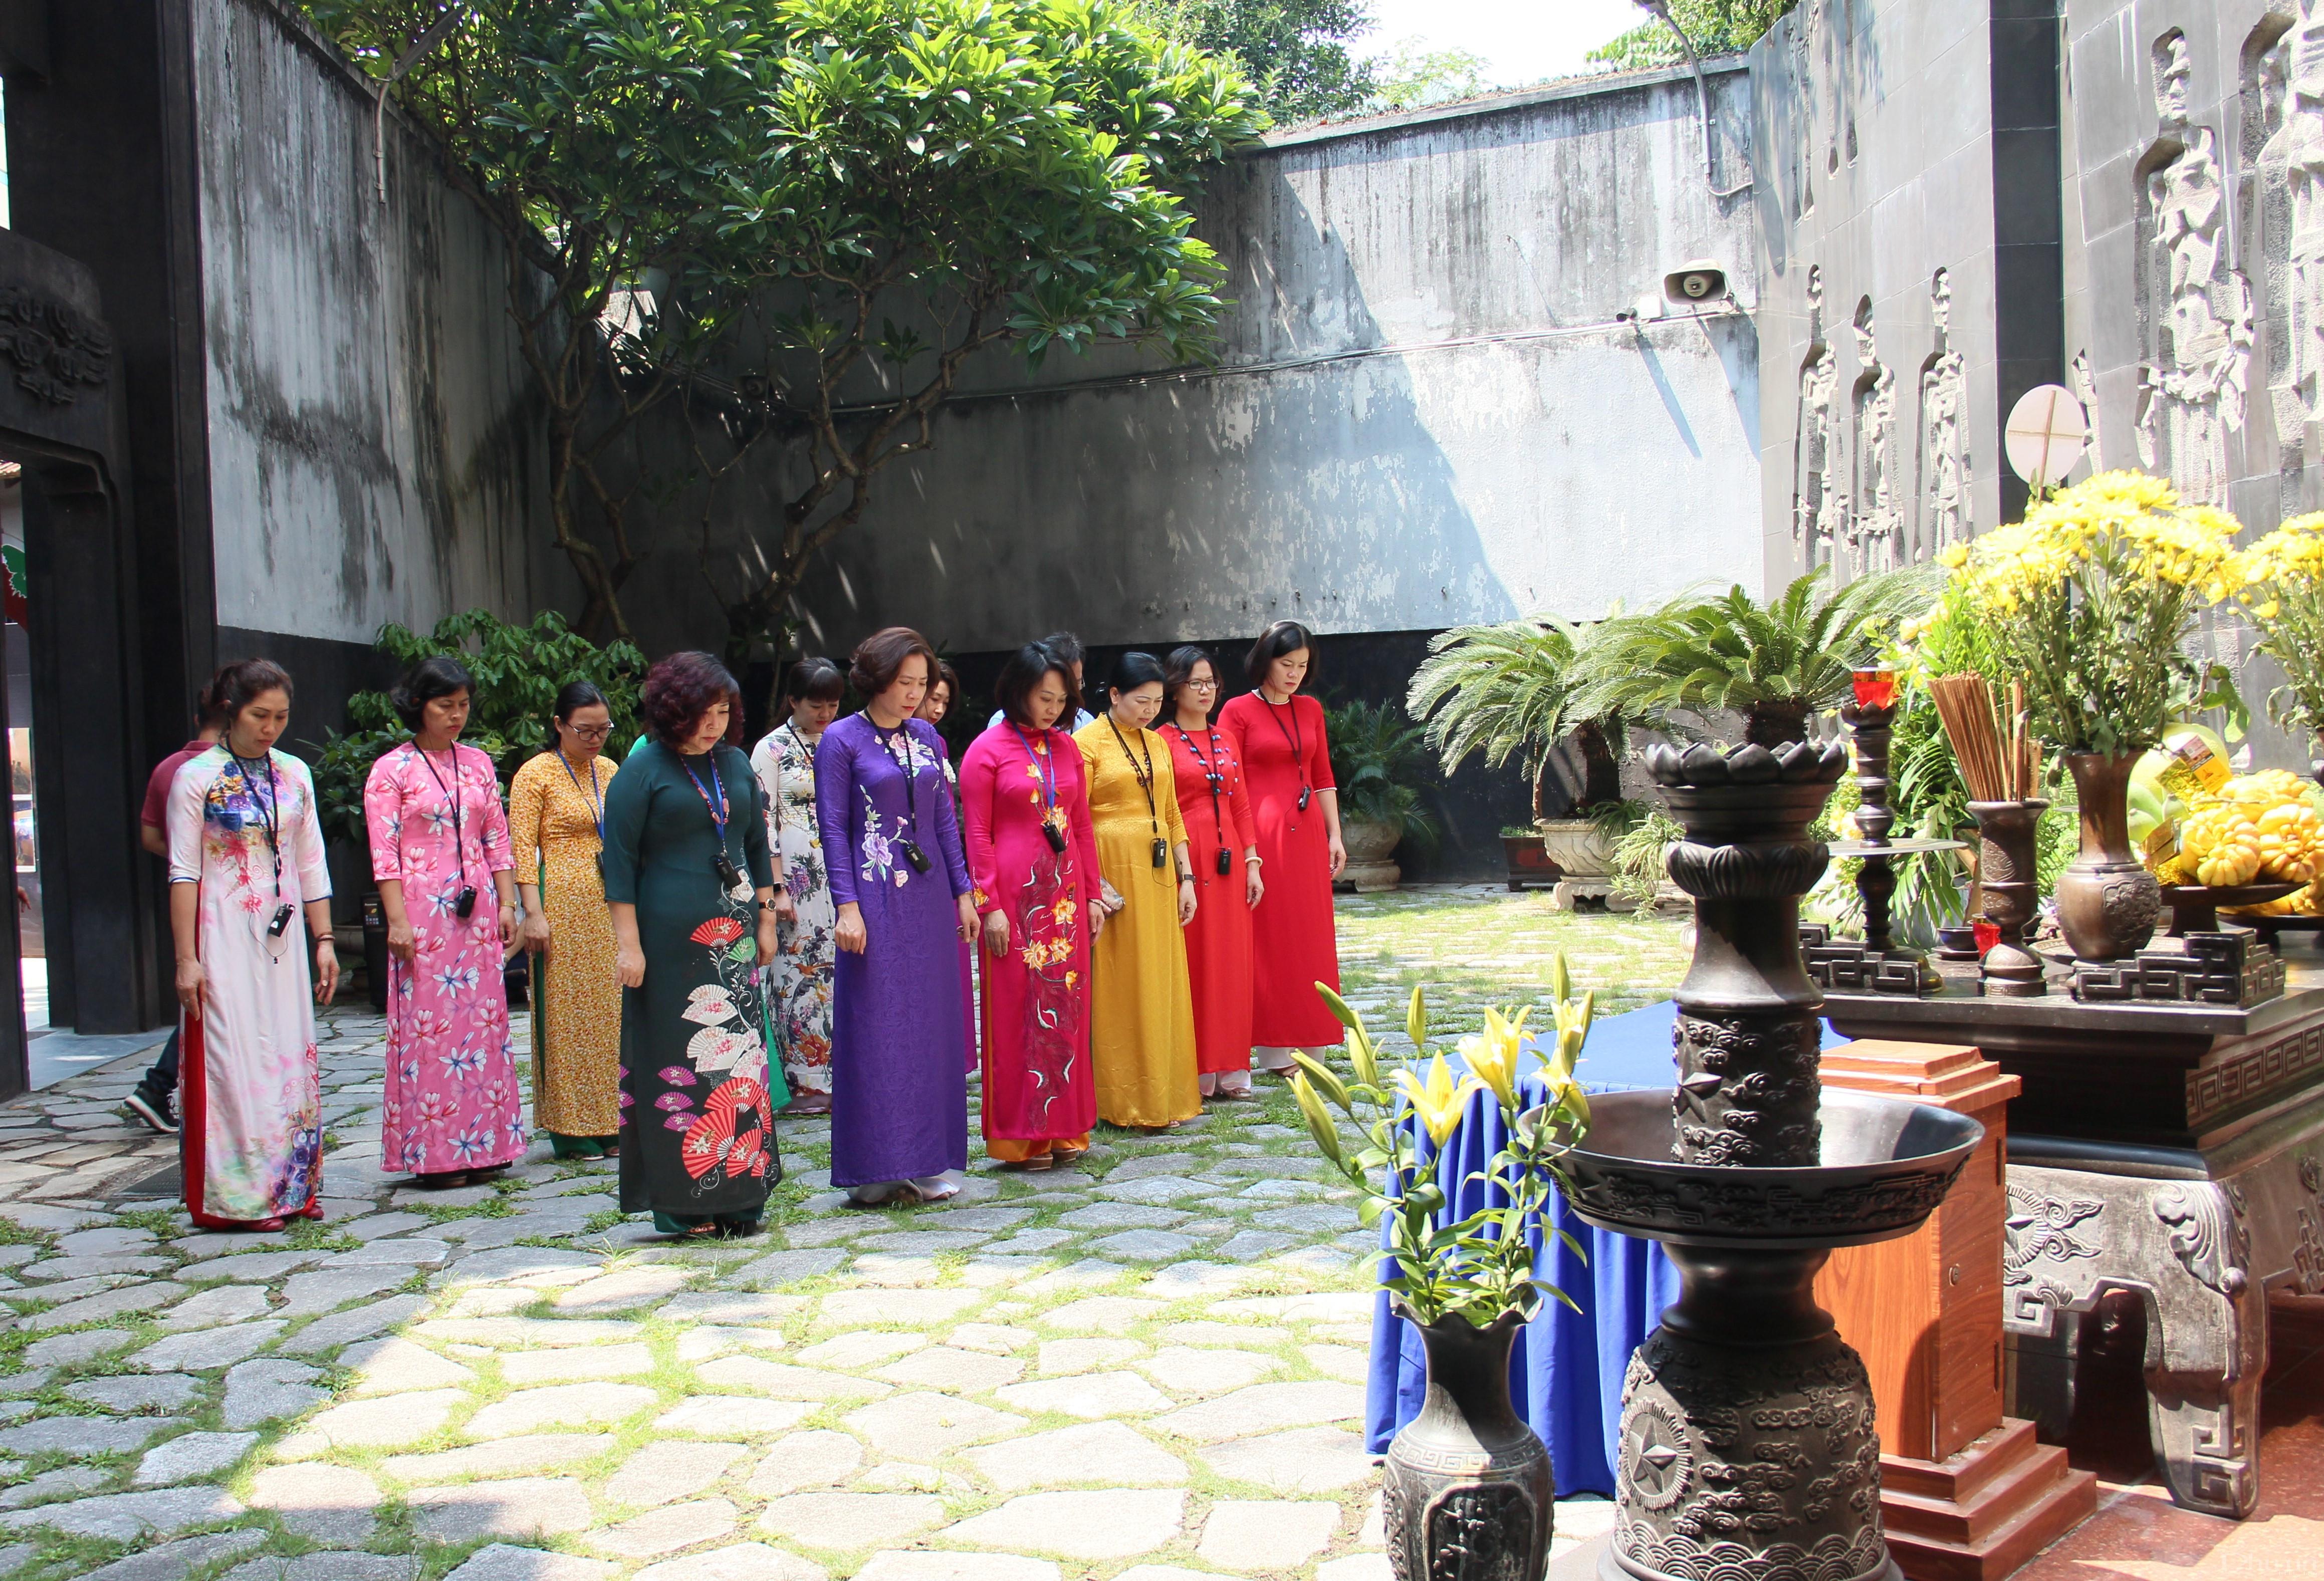 Cán bộ Hội LHPN Hà Nội dành phút tưởng niệm, tri ân các anh hùng, liệt sỹ đã hy sinh xương máu vì hòa bình, độc lập dân tộc.